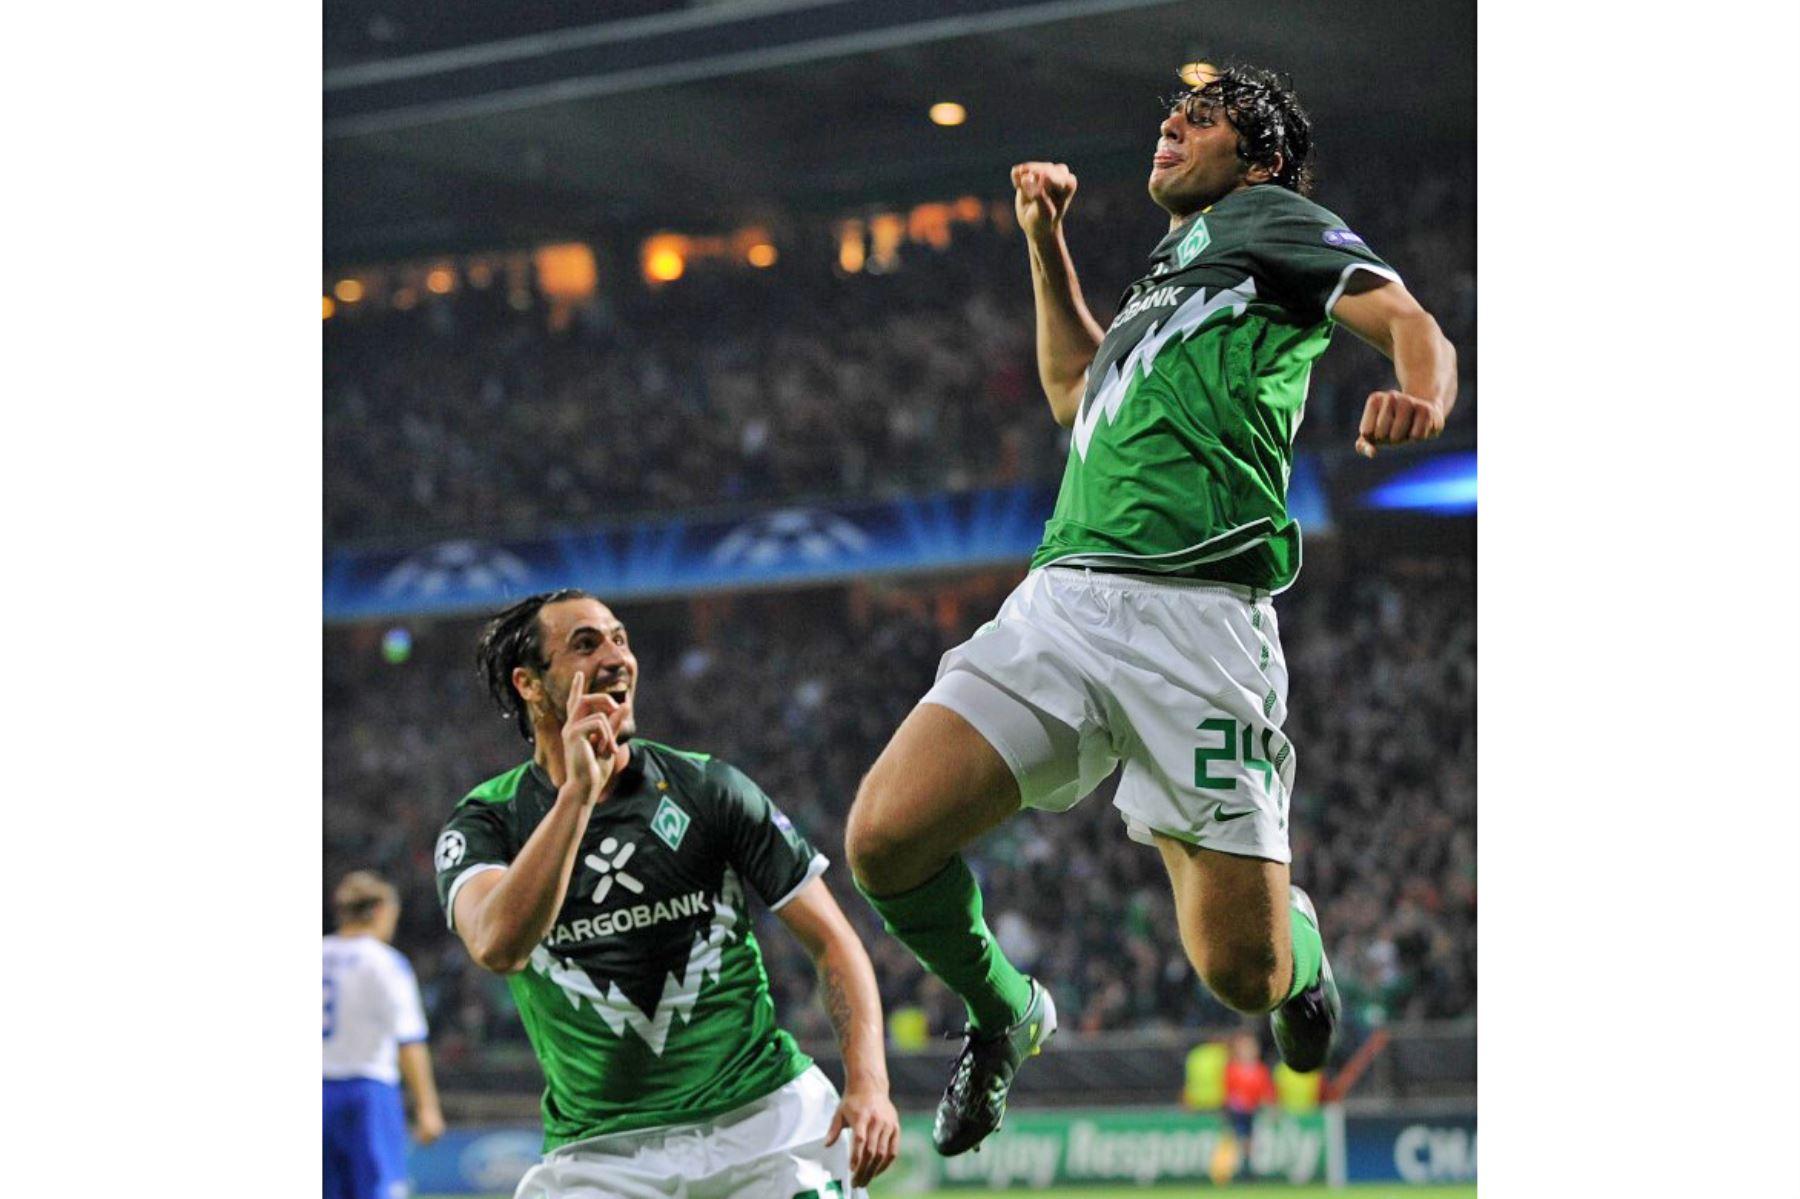 El delantero peruano de Bremen Claudio Pizarro celebra con su compañero de equipo el delantero portugués Hugo Almeida después de anotar el 3-0 durante el partido de clasificación de la Liga de Campeones de Werder Bremen (Alemania) contra Sampdoria Genua (Italia). Foto: AFP